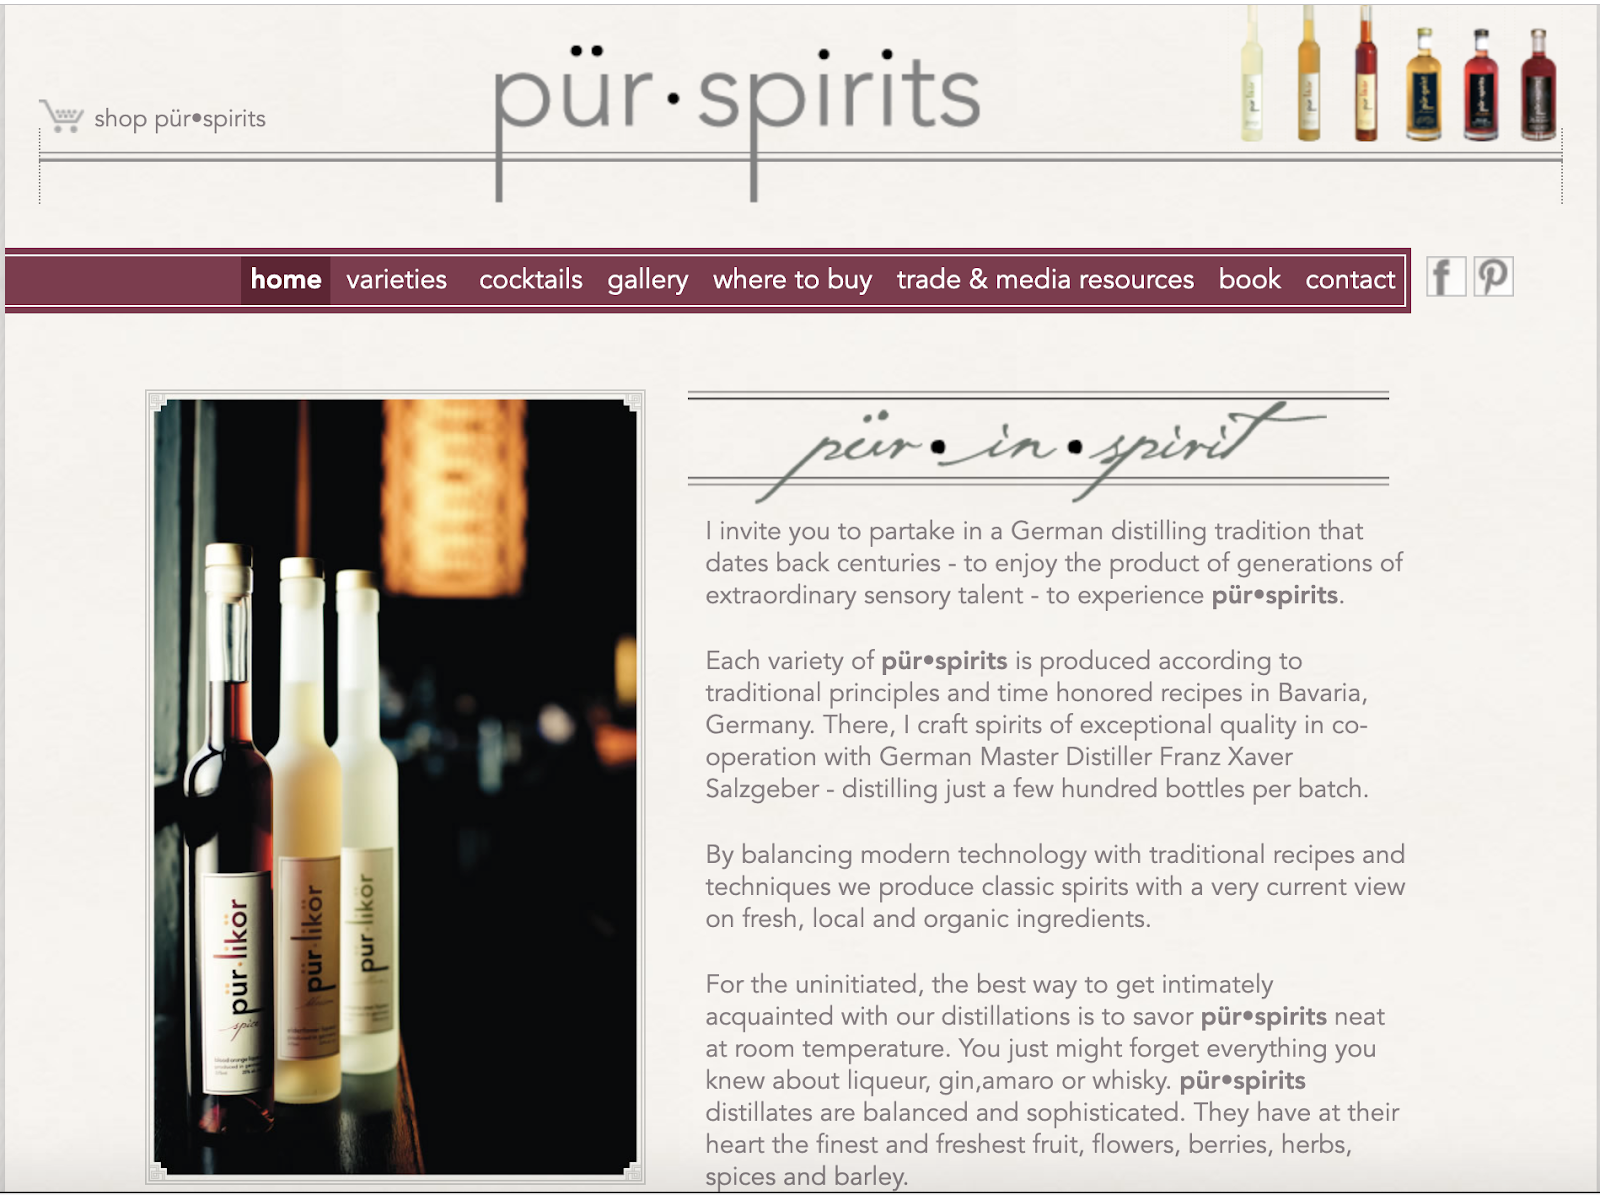 purspirits beverage side hustle